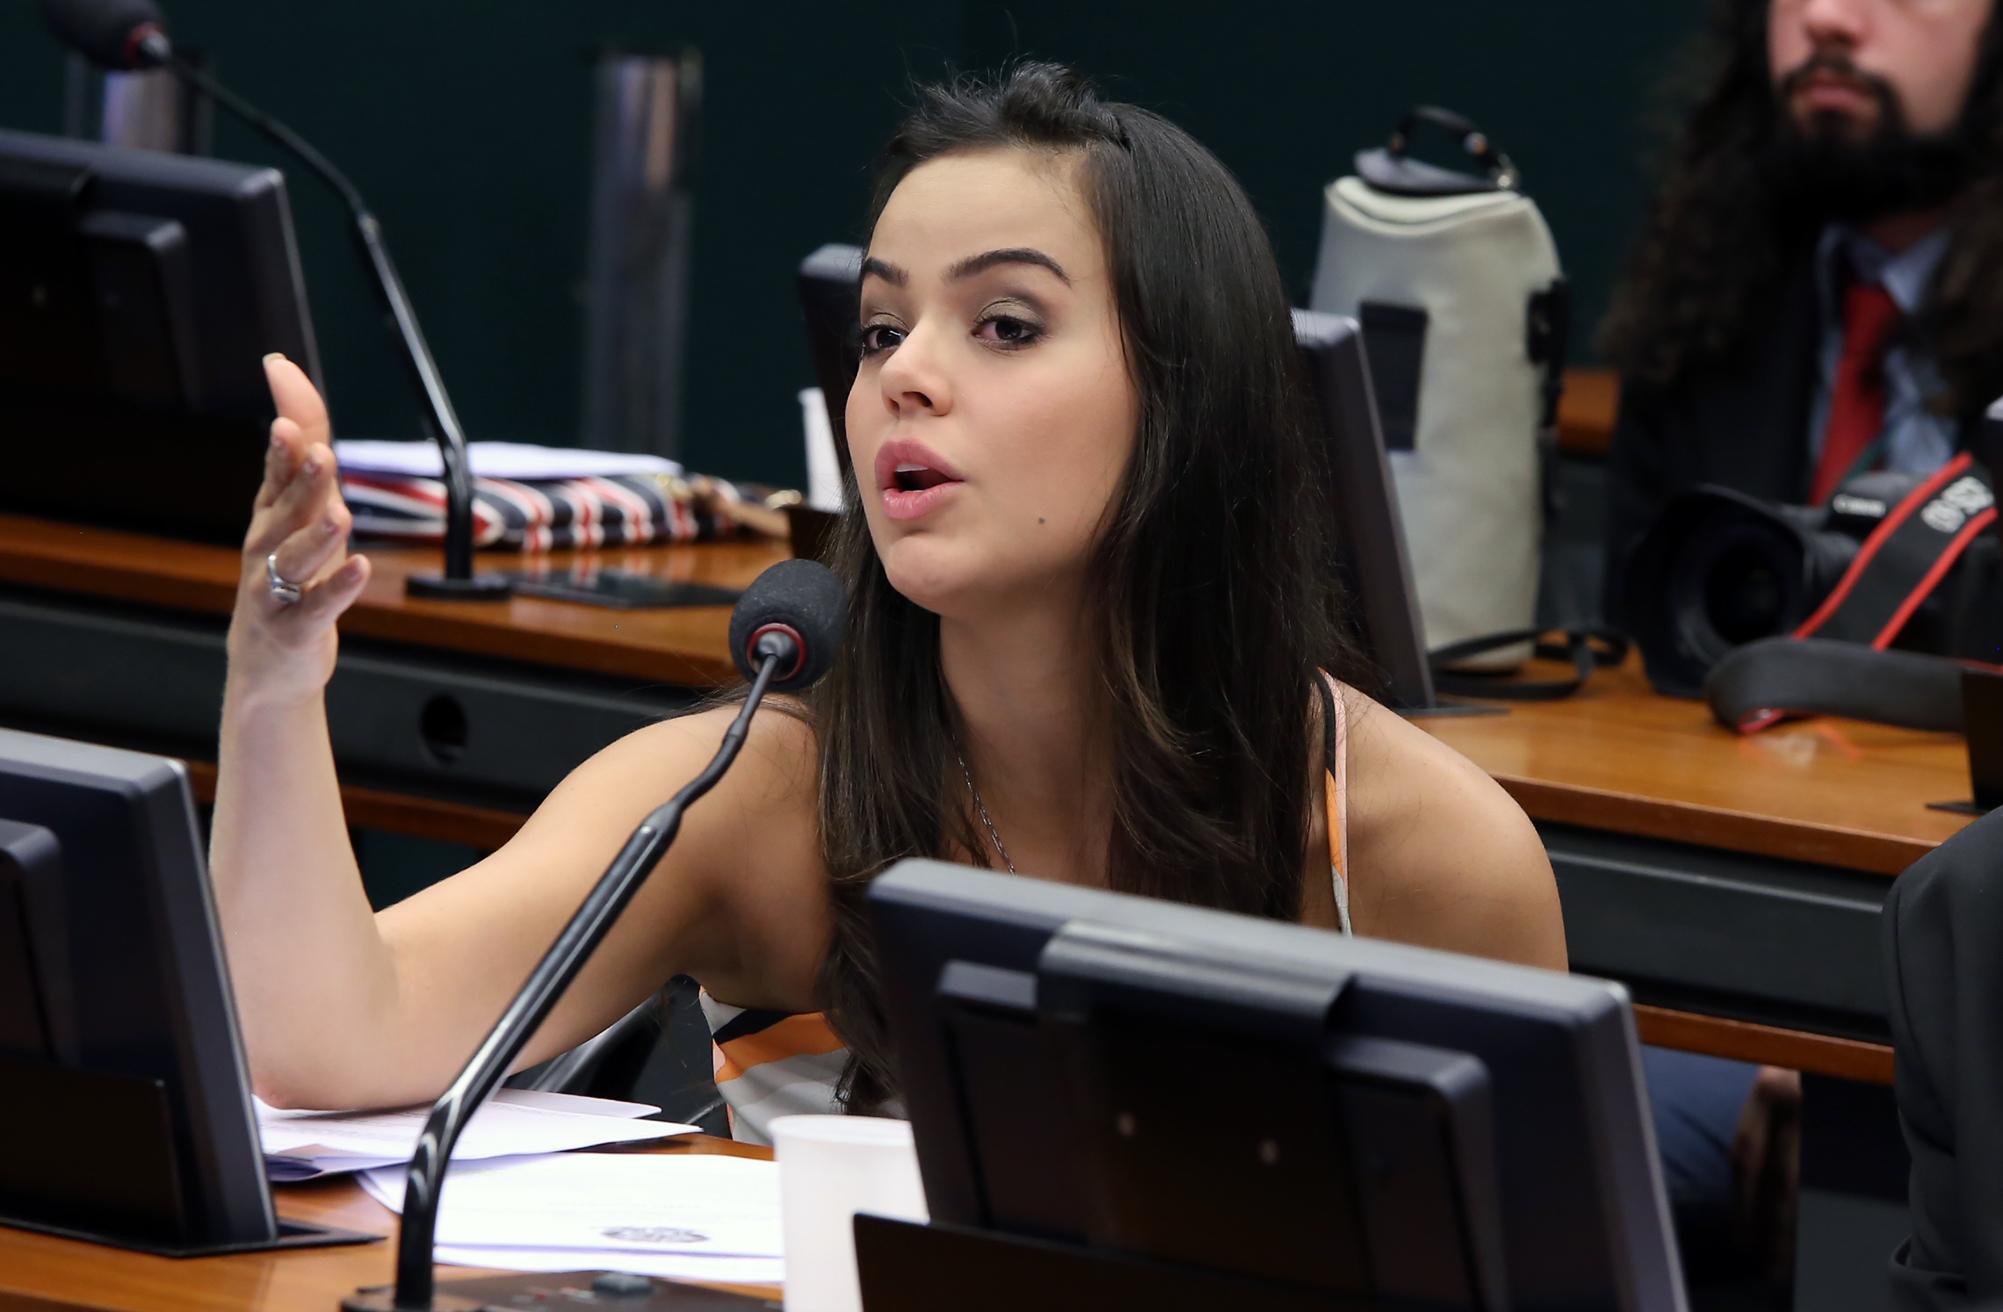 Audiência Pública para tomada de depoimento do professor universitário e ex-presidente da FUNAI, Mércio Pereira Gomes. Dep. Shéridan (PSDB - RR)